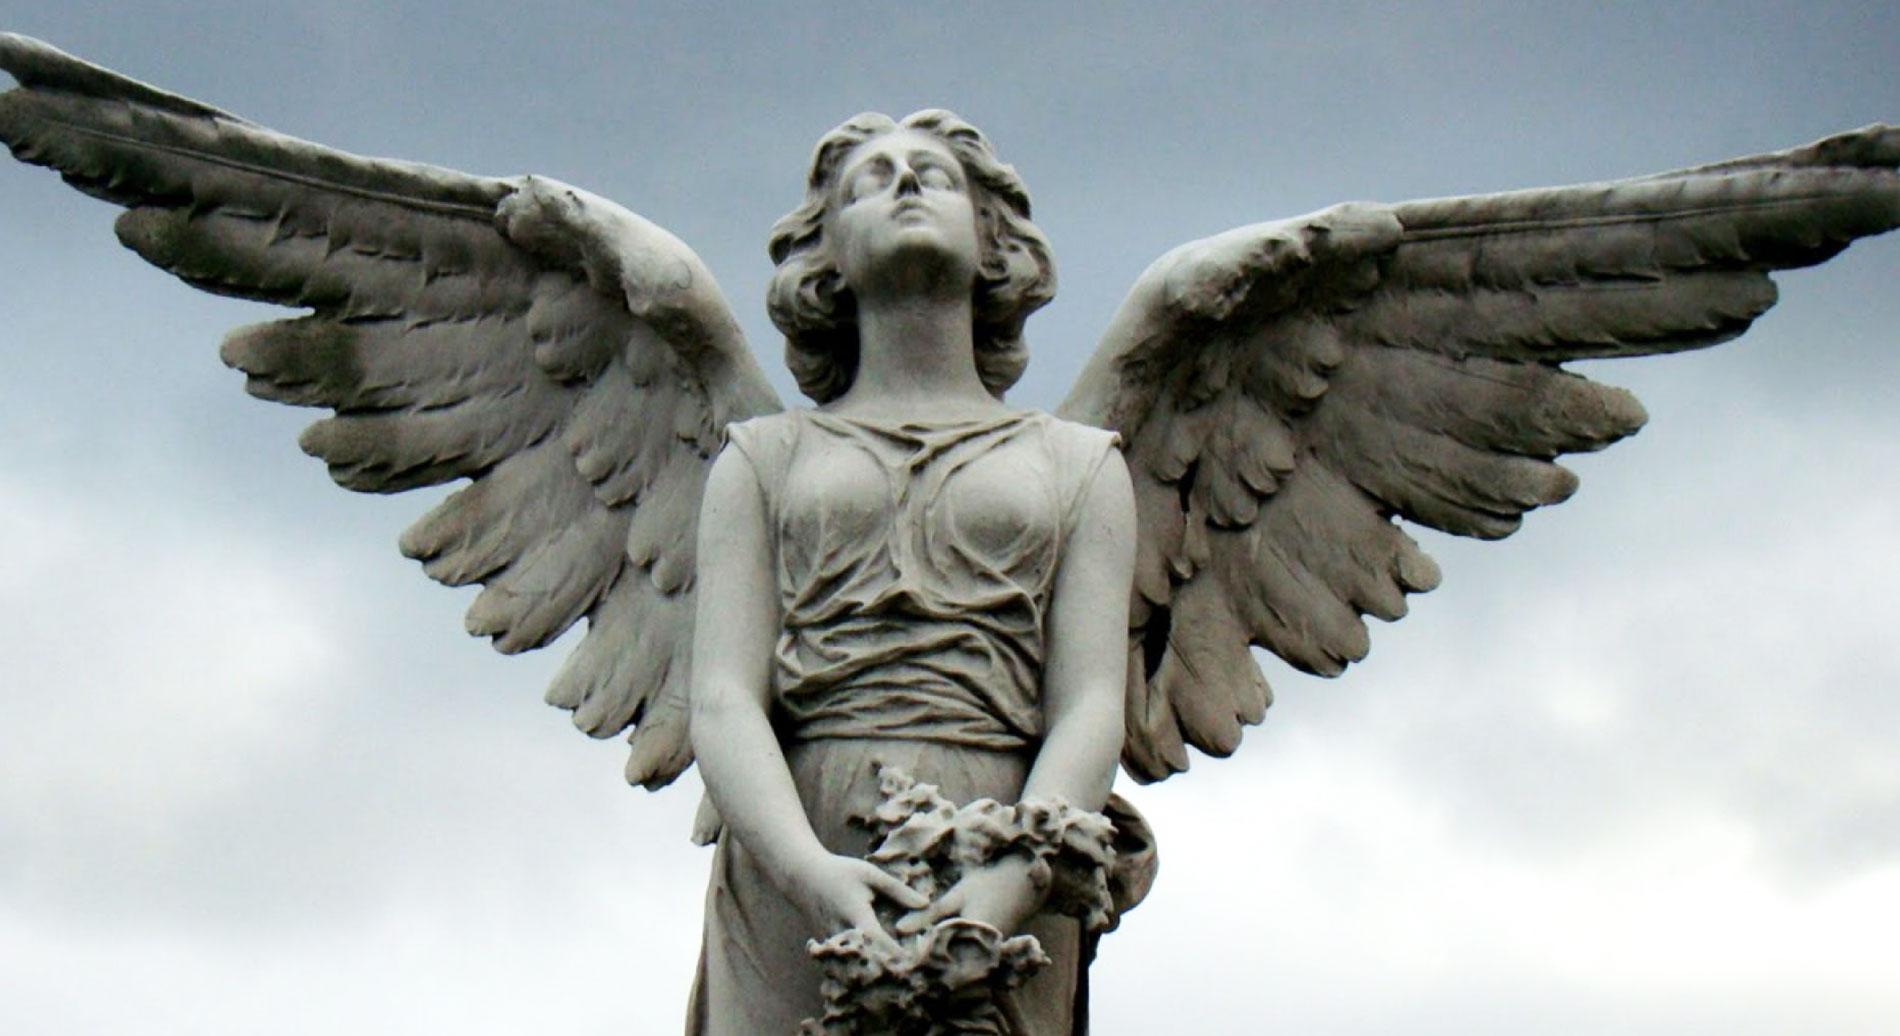 GLI ANGELI SAS DI ROBERTO PORELLI